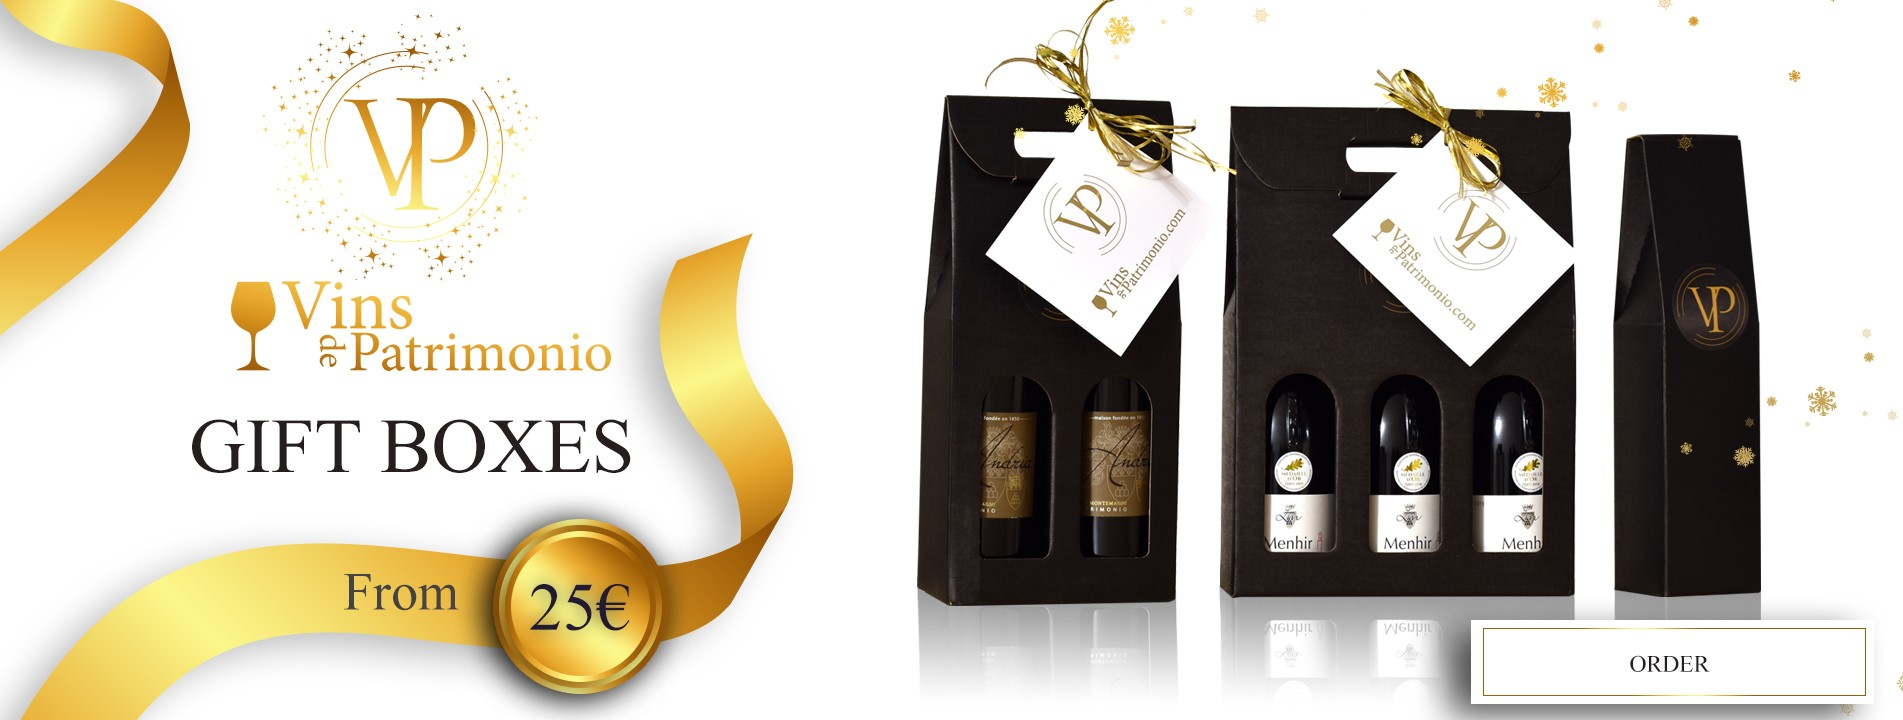 vineyards-of-patrimonio-wine-white